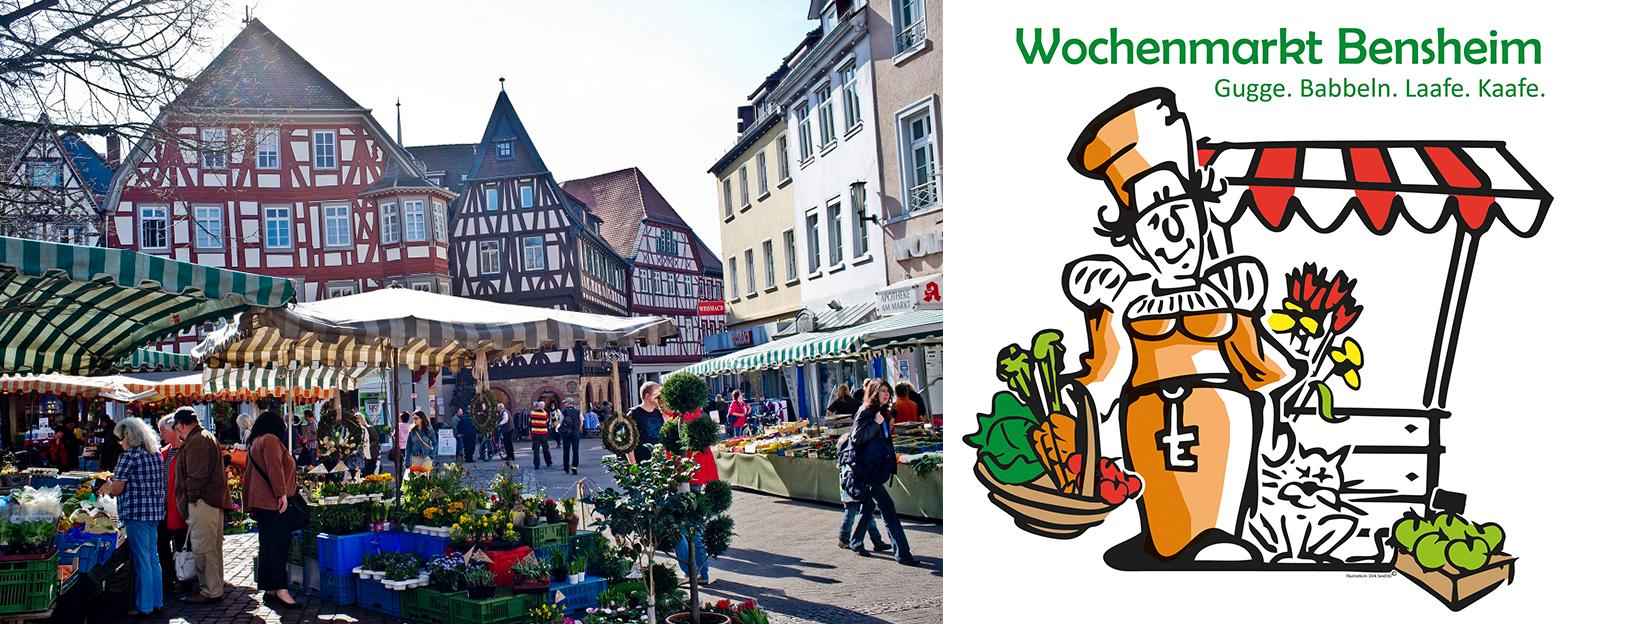 Bensheimer Wochenmarkt